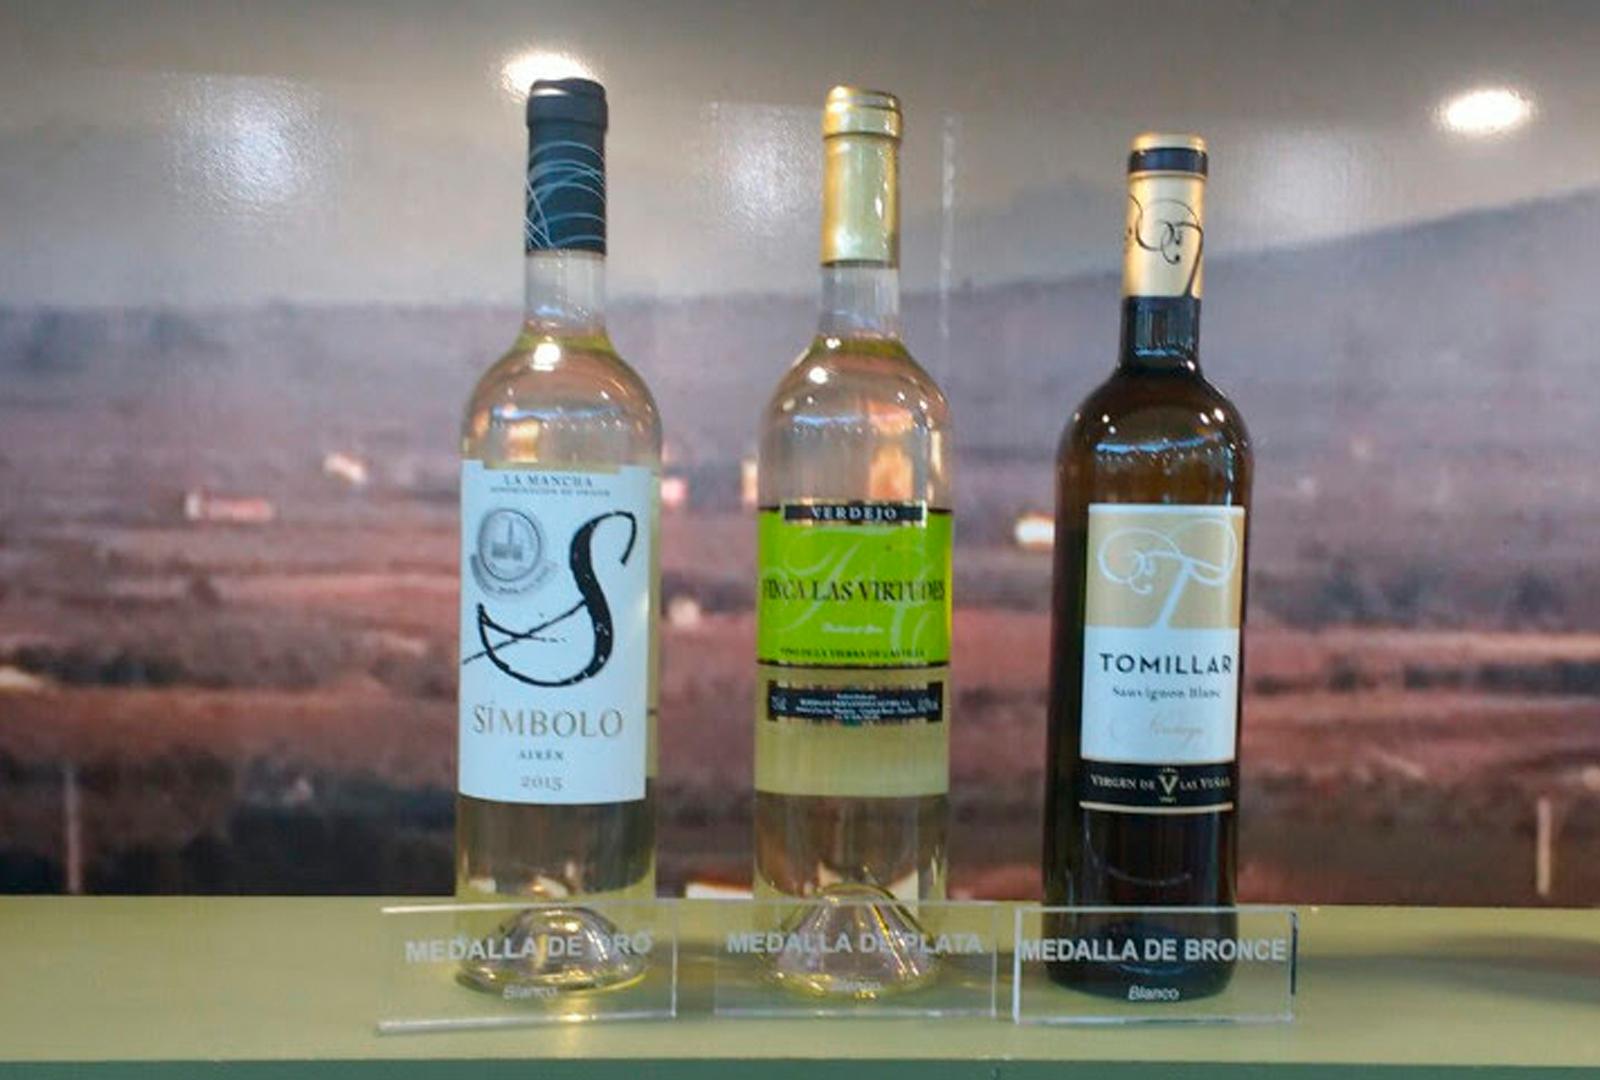 Los vinos de Dcoop-Baco siguen cosechando éxitos